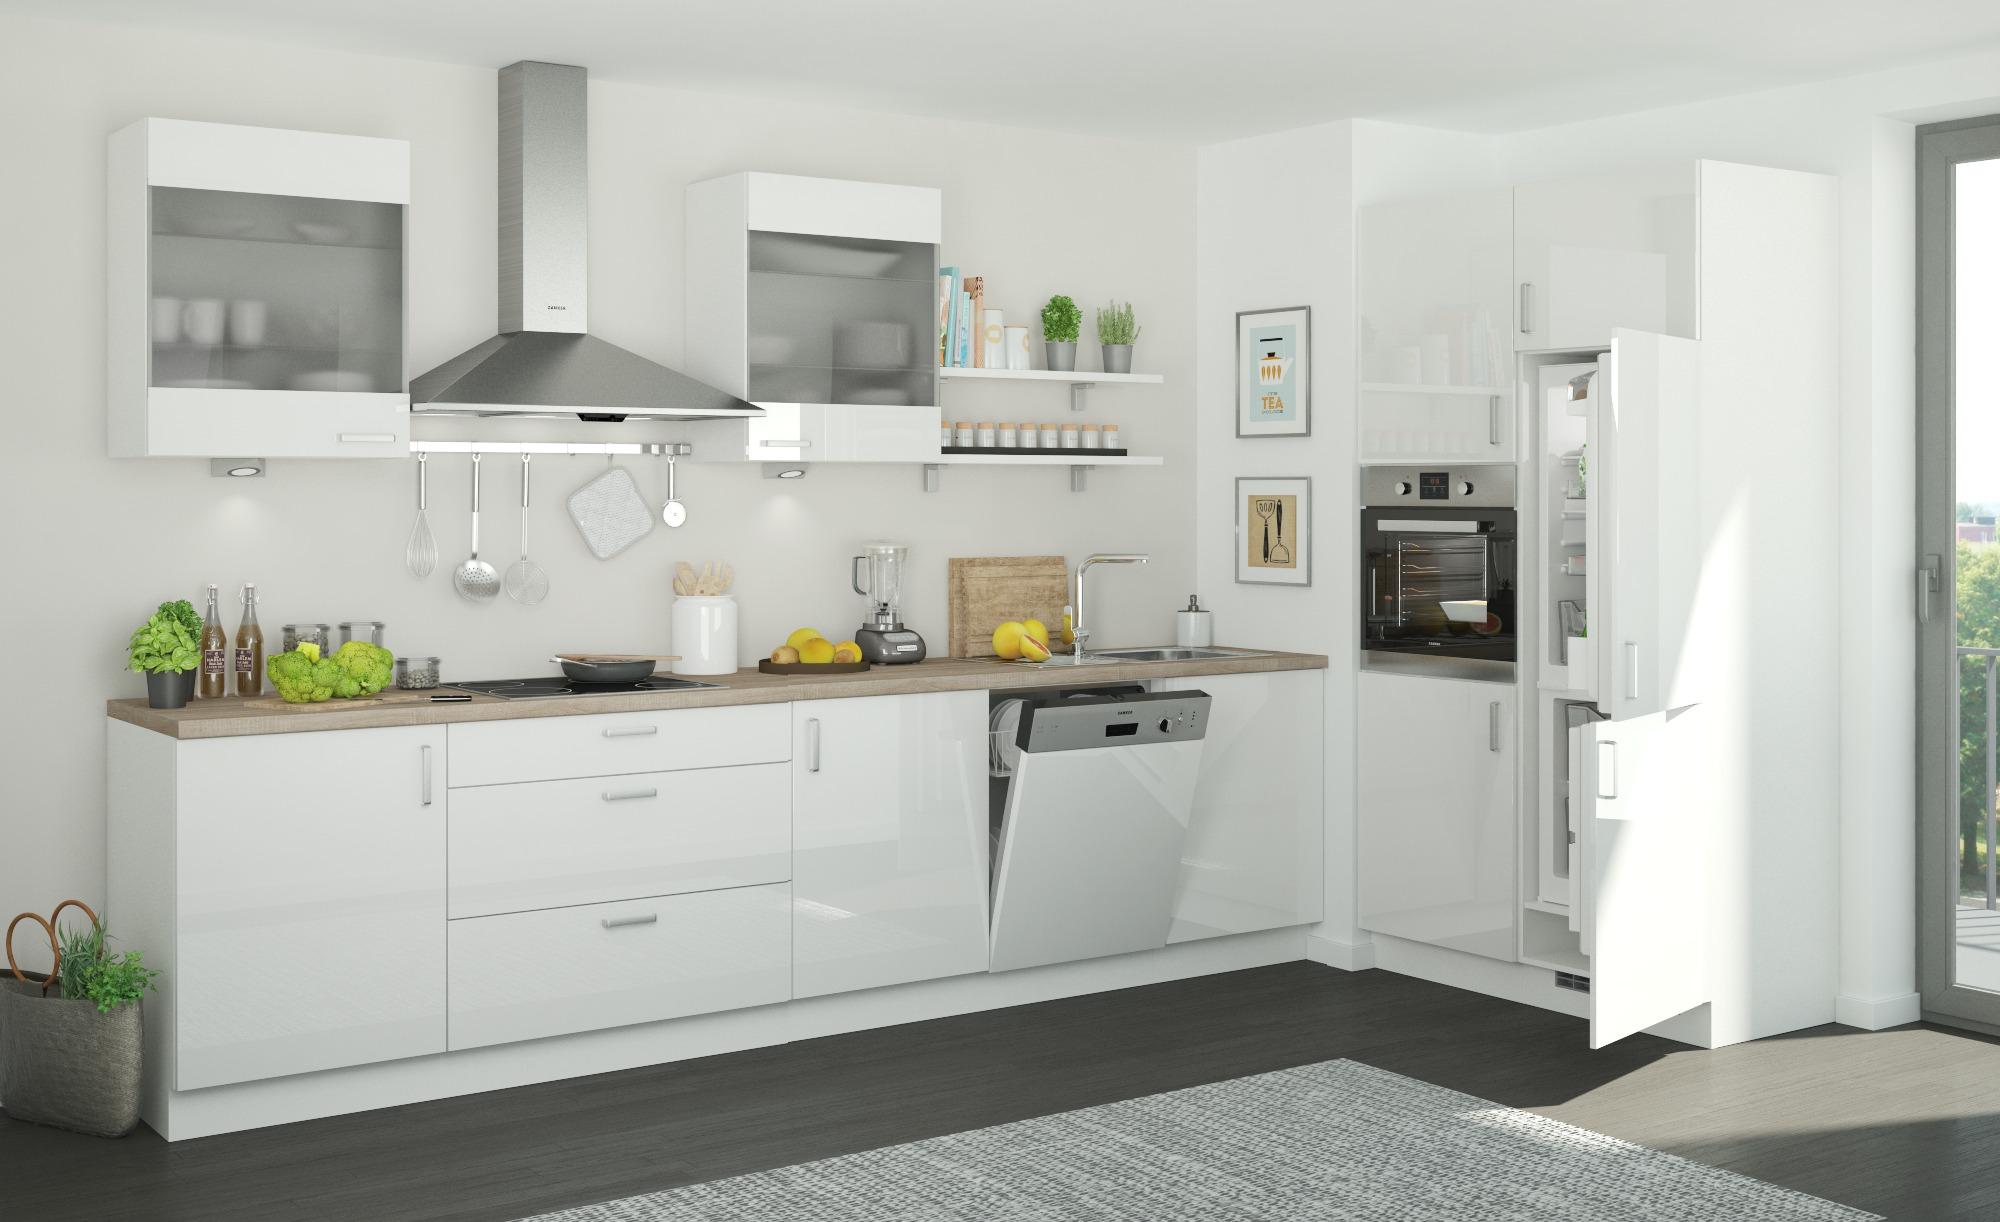 Küchenzeile ohne Elektrogeräte  Frankfurt ¦ weiß Küchen > Küchenblöcke ohne E-Geräte - Höffner | Küche und Esszimmer > Küchen > Küchenzeilen | Möbel Höffner DE